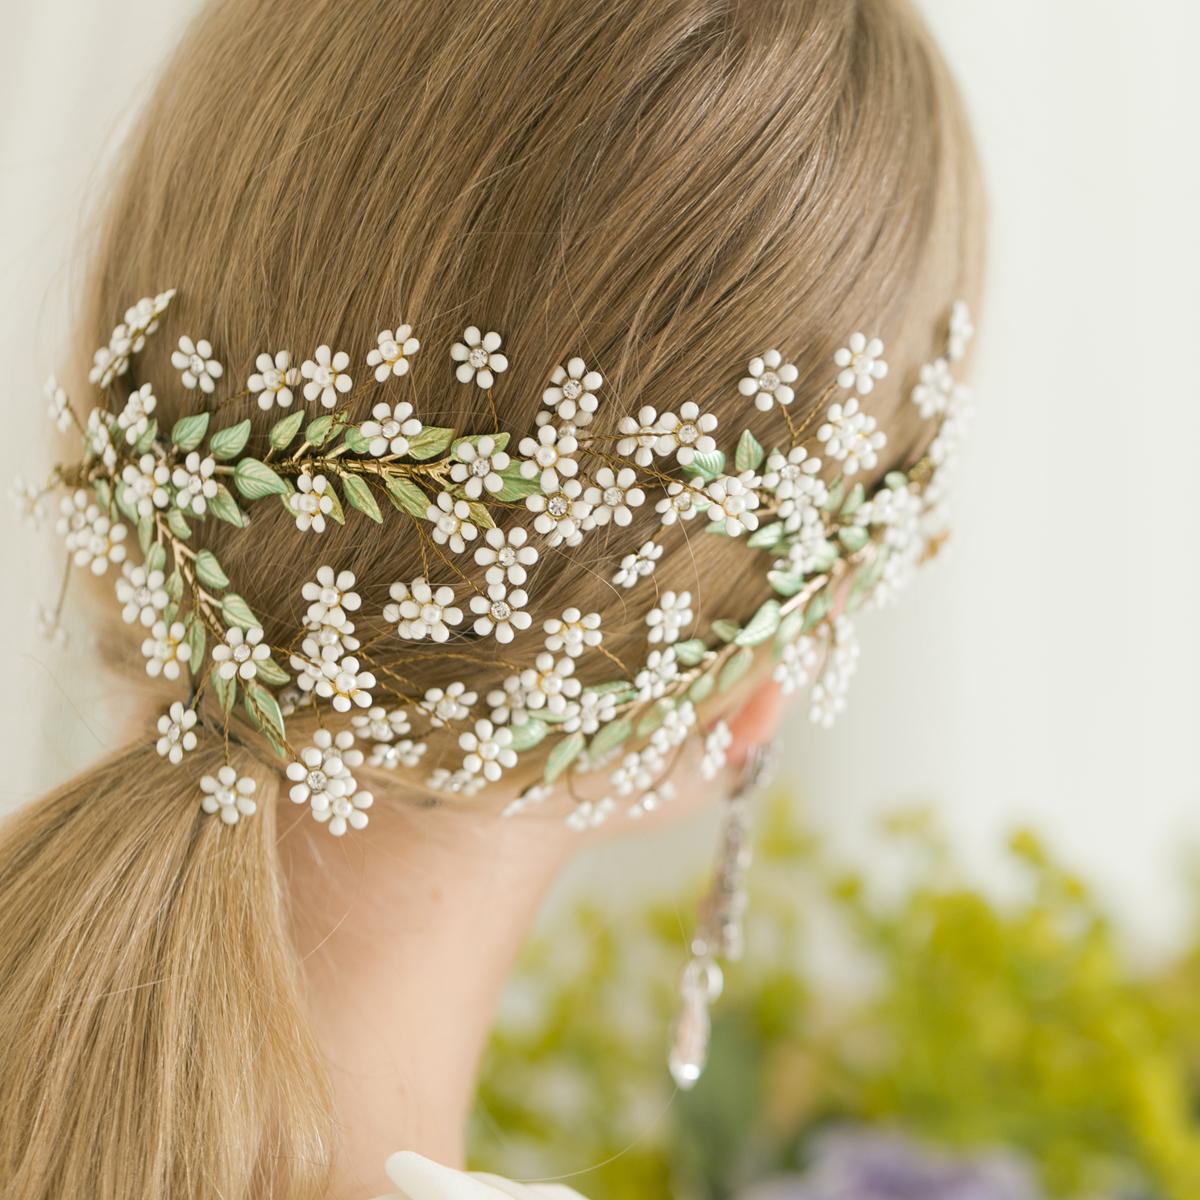 小さなお花が雪のように舞うクラシカルな雰囲気のヘッドドレス